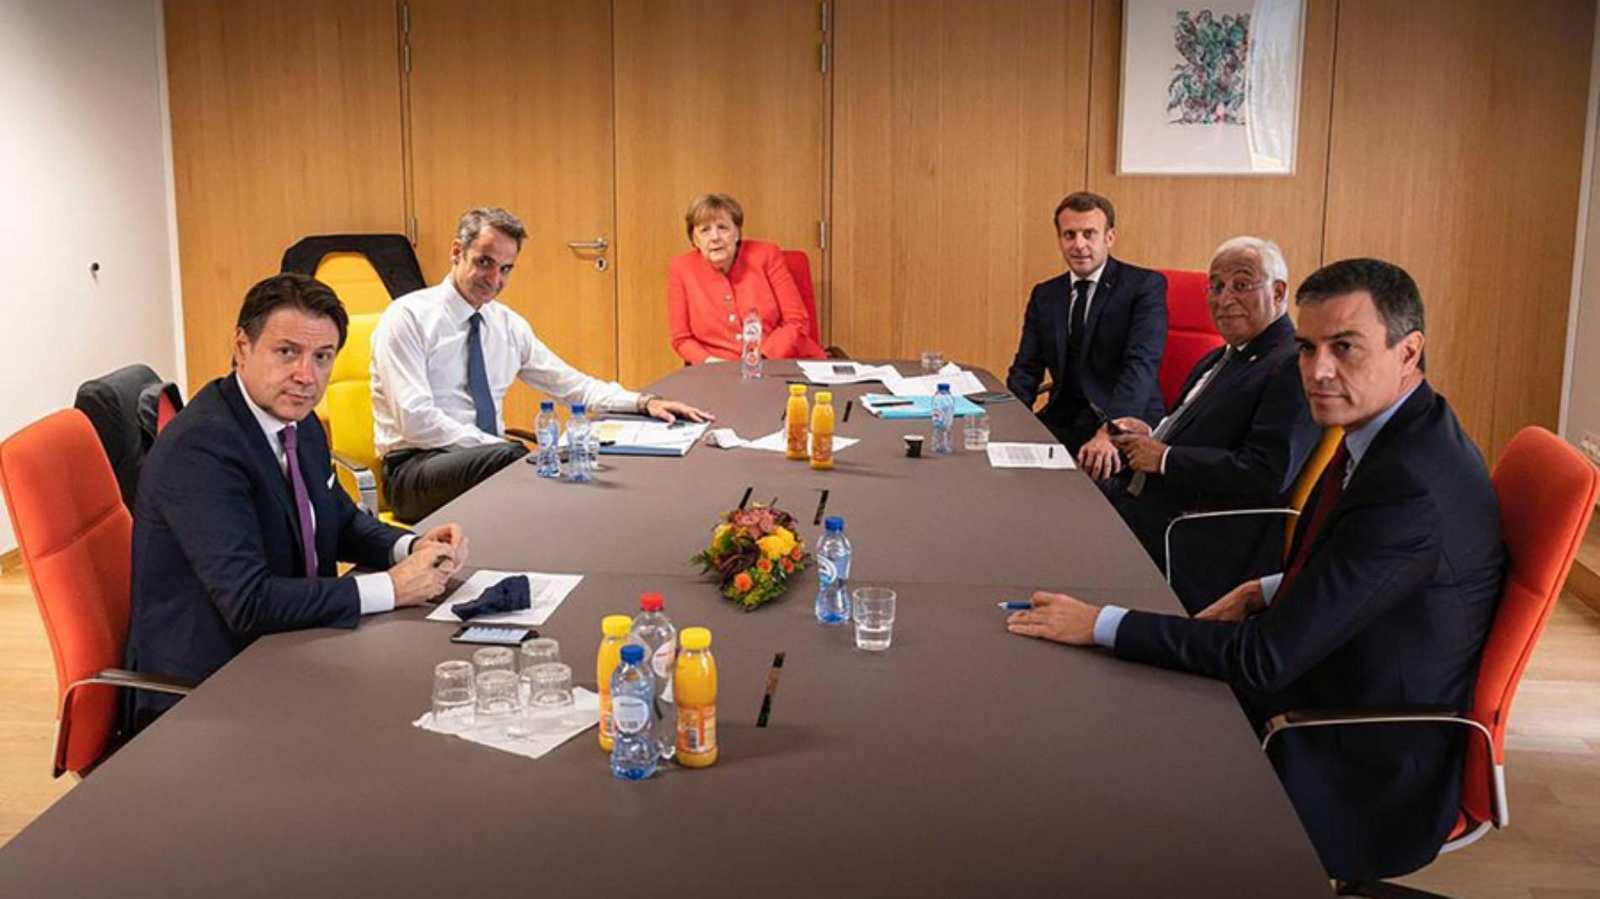 Michel lanza una nueva propuesta a los líderes europeos y asegura que el acuerdo está más cerca